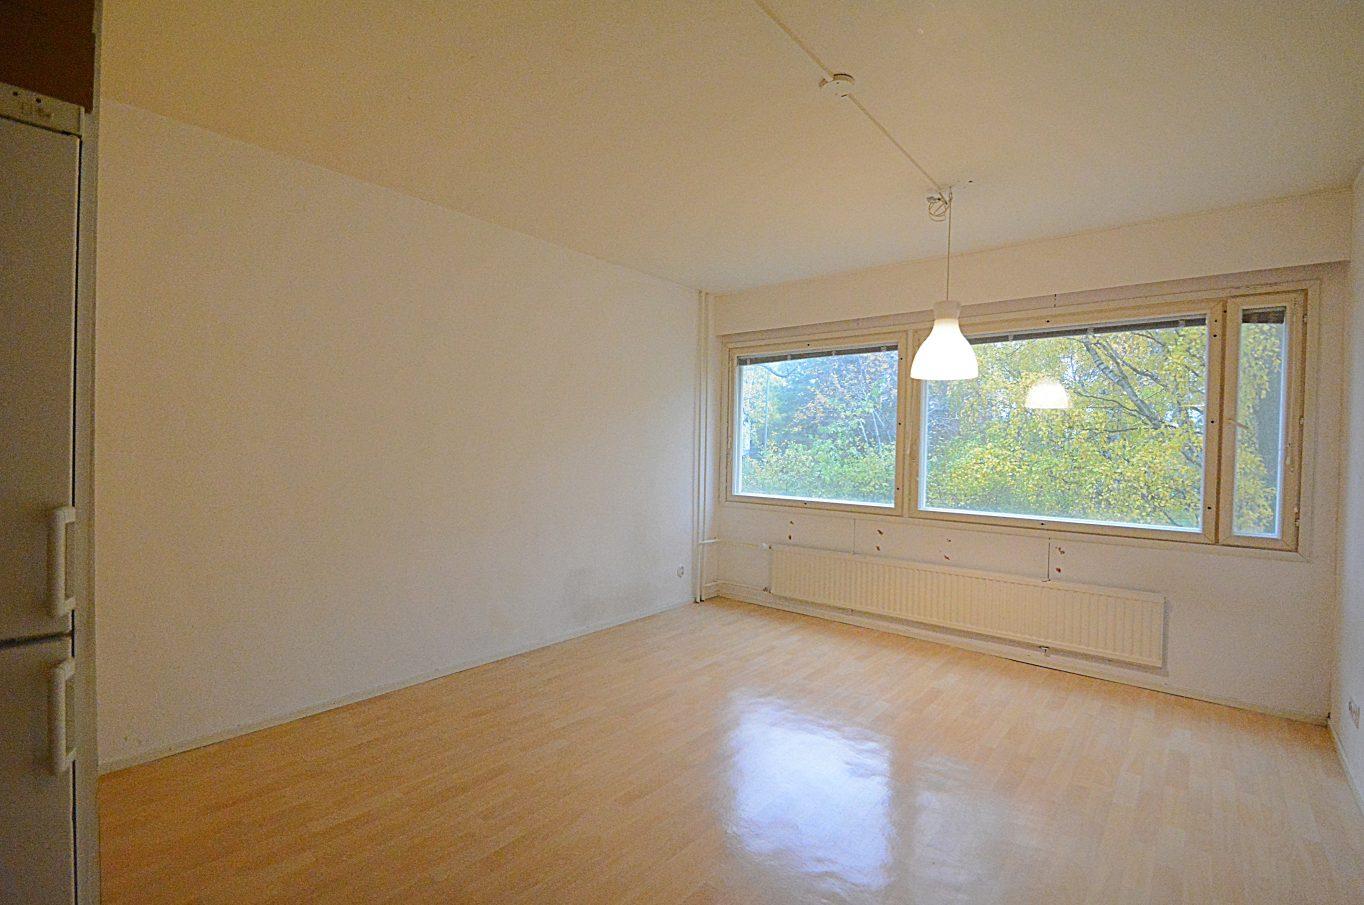 Lägenhet om 1 rum och kök vid Askuddsvägen i Mariehamn